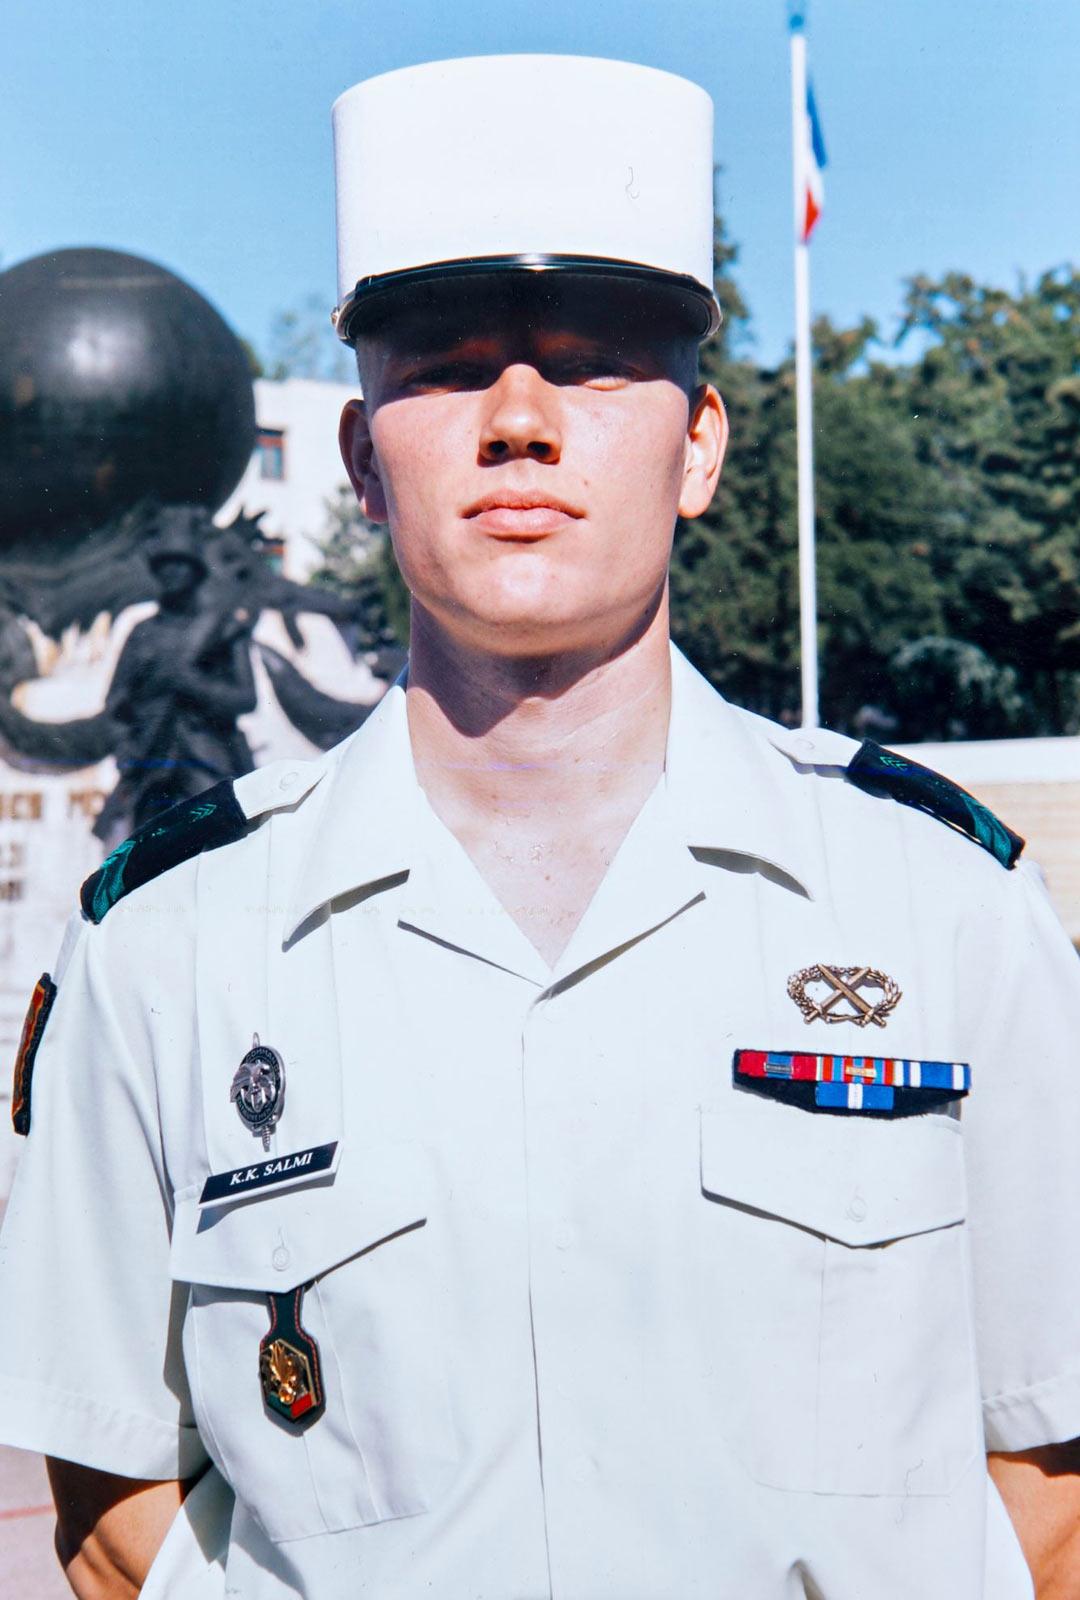 Juhlapäivinä muukalaislegioonan sotilaat sonnustautuvat parhaimpiinsa, joihin kuuluu valkoinen kepi-päähine.